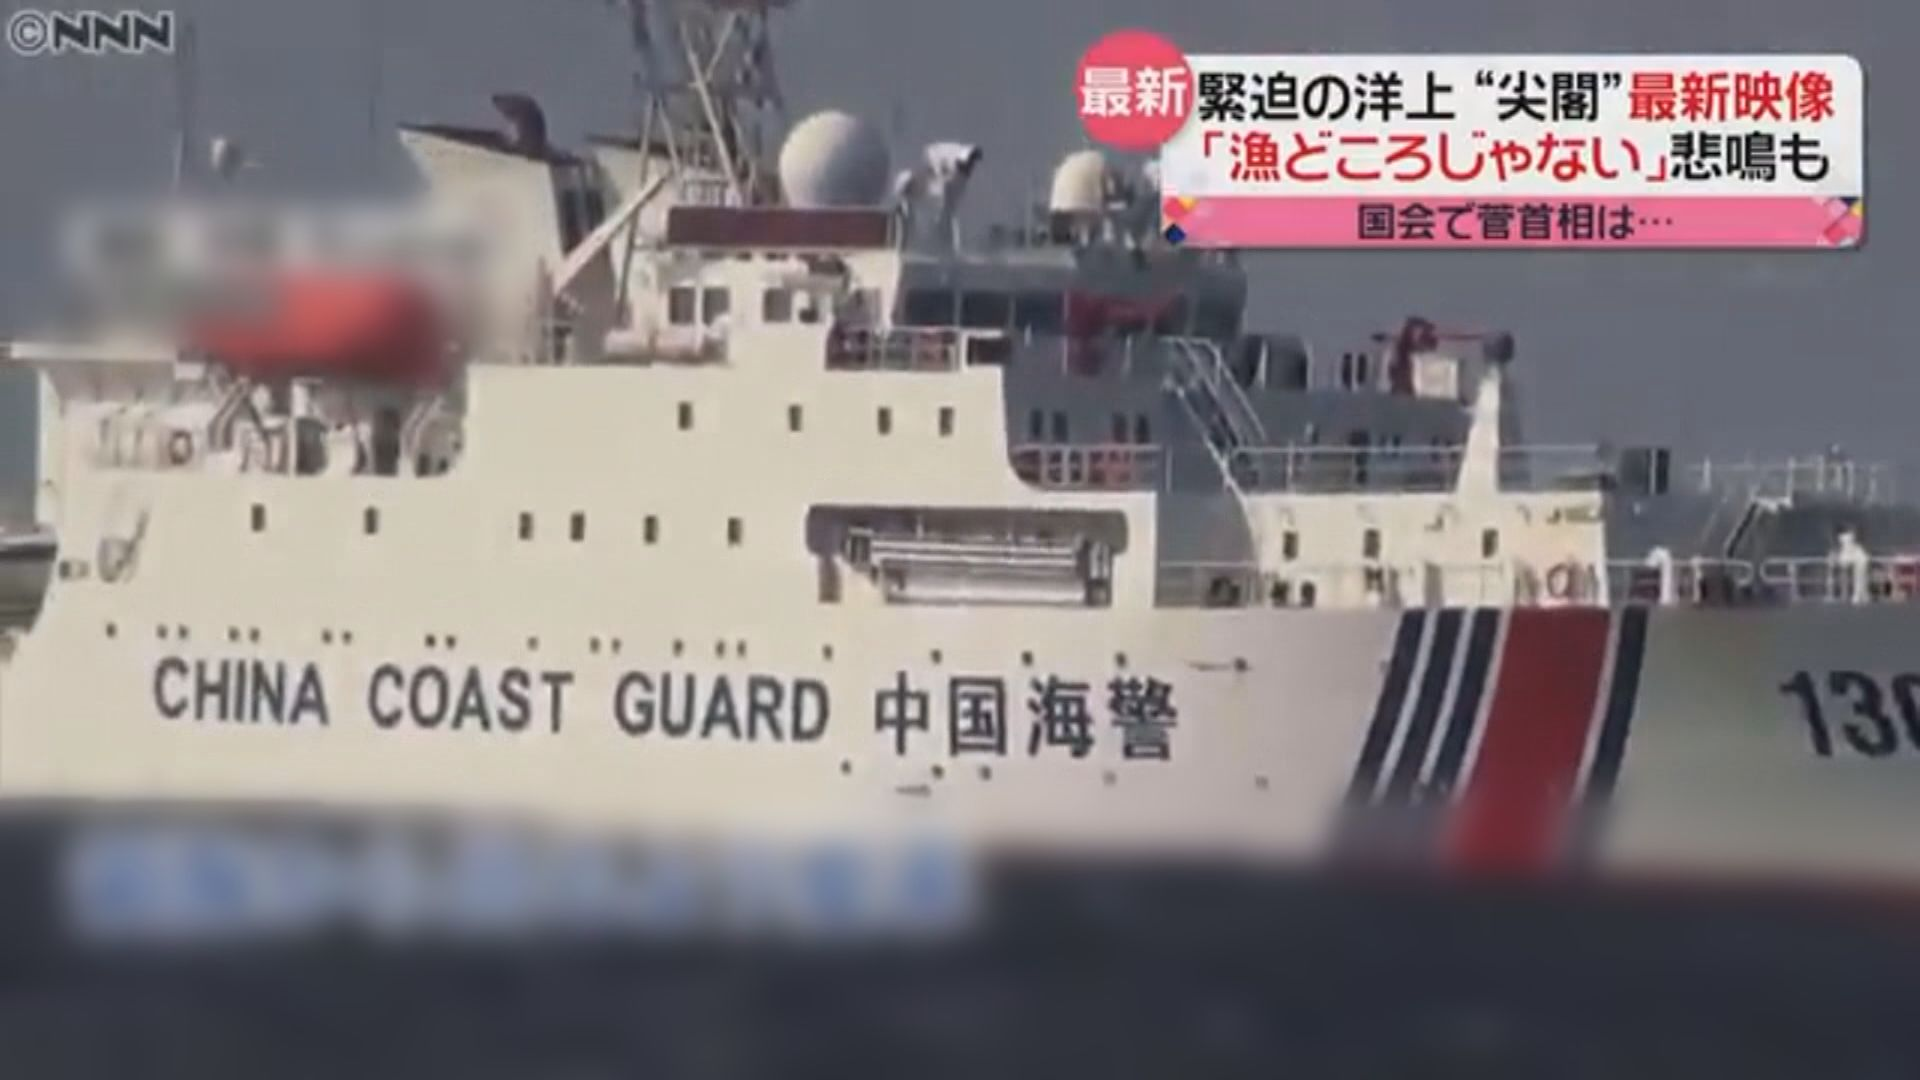 報道指日本或射擊企圖登陸釣魚島中國海警船